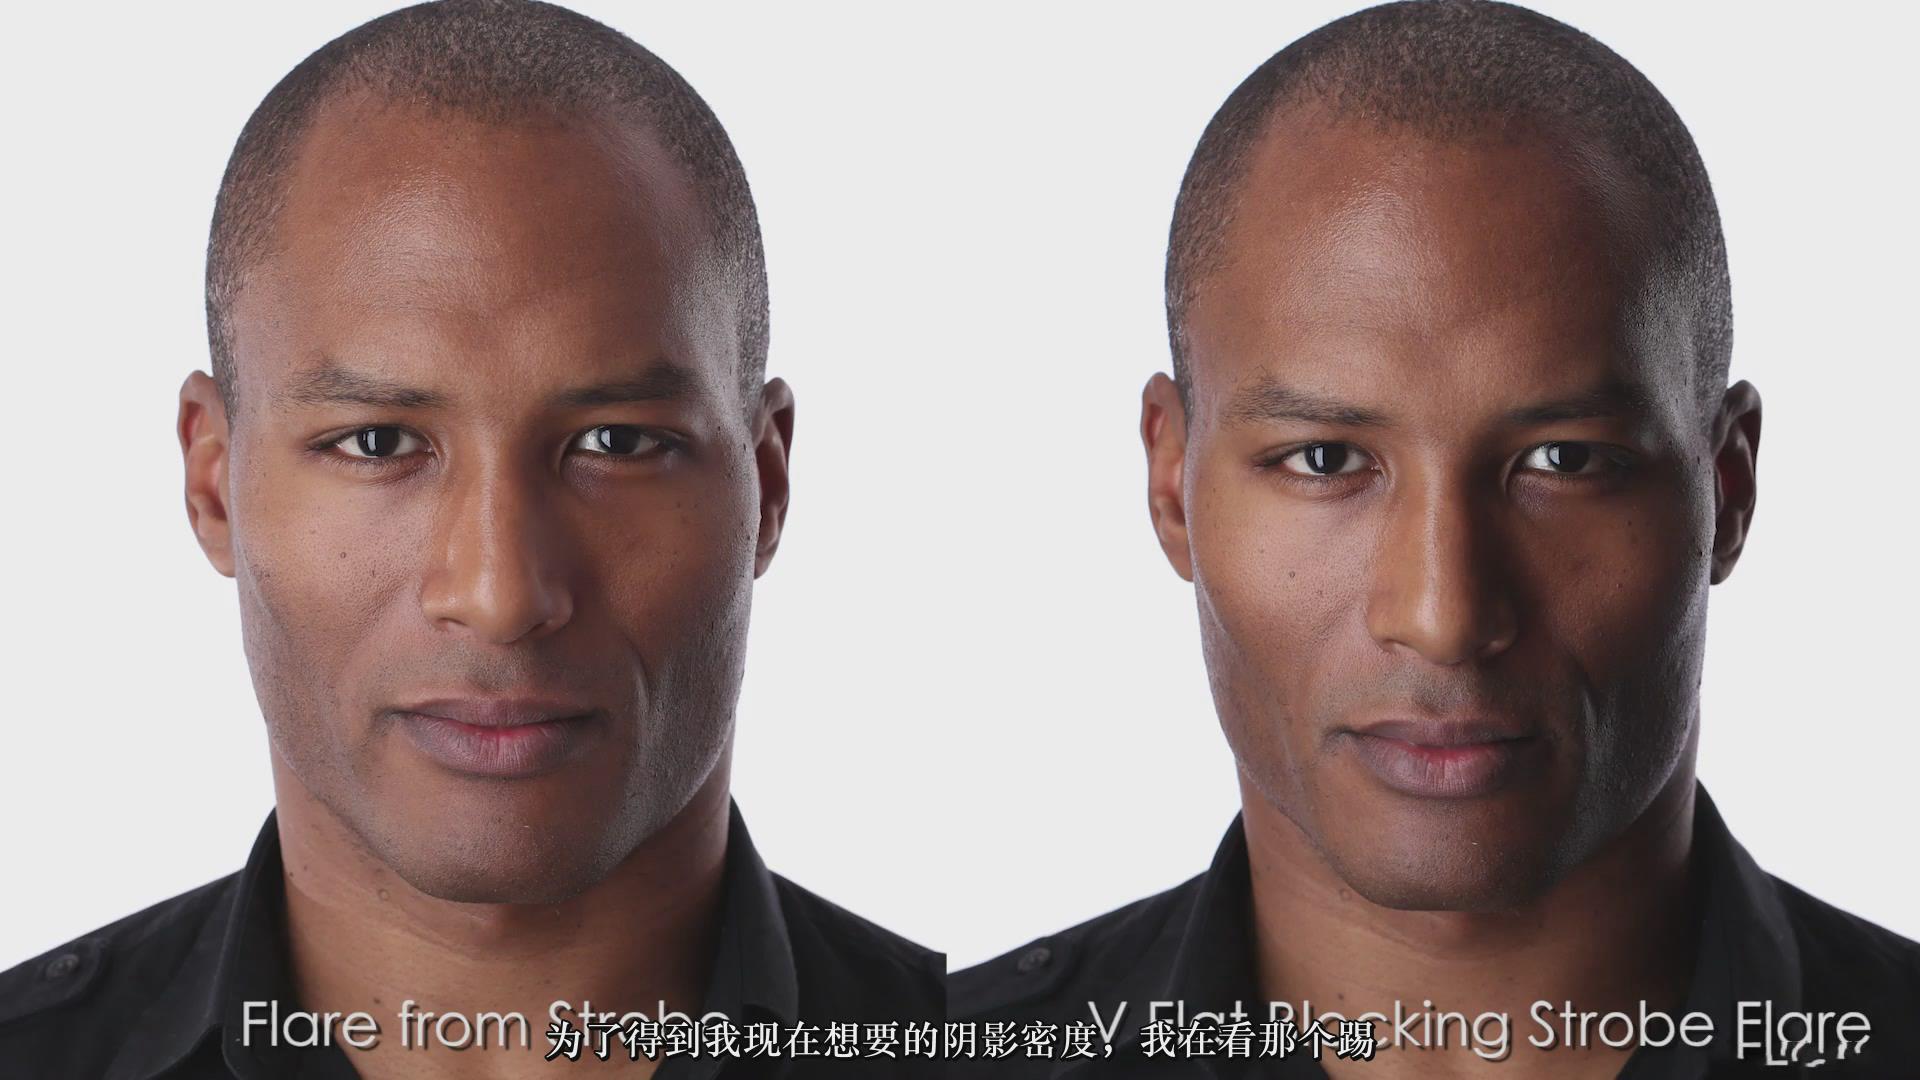 摄影教程_Fstoppers-彼得·赫利(Peter Hurley)完美头像人像面部布光教程-中文字幕 摄影教程 _预览图12